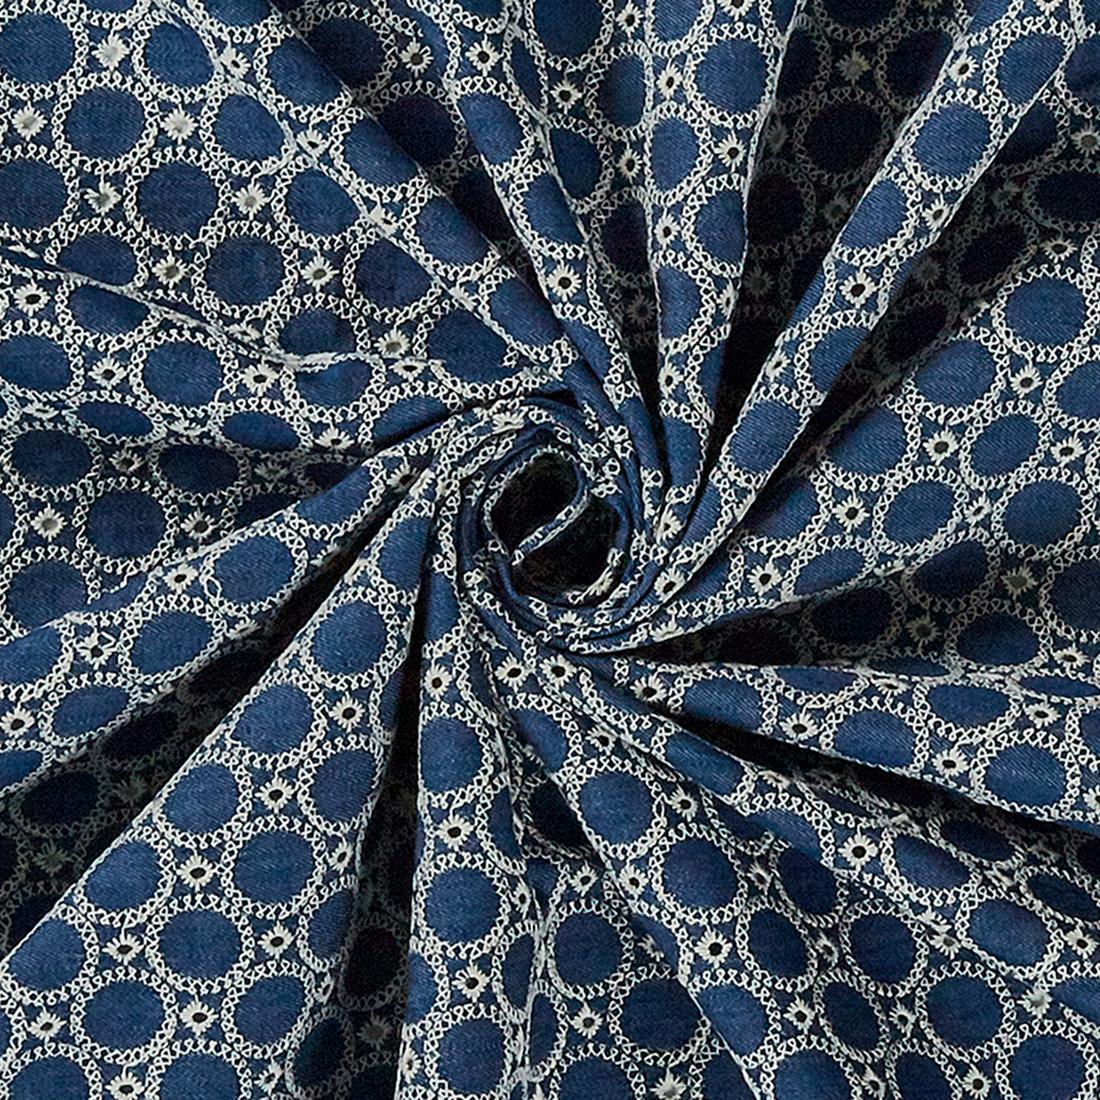 Cotton Embroidered Denim